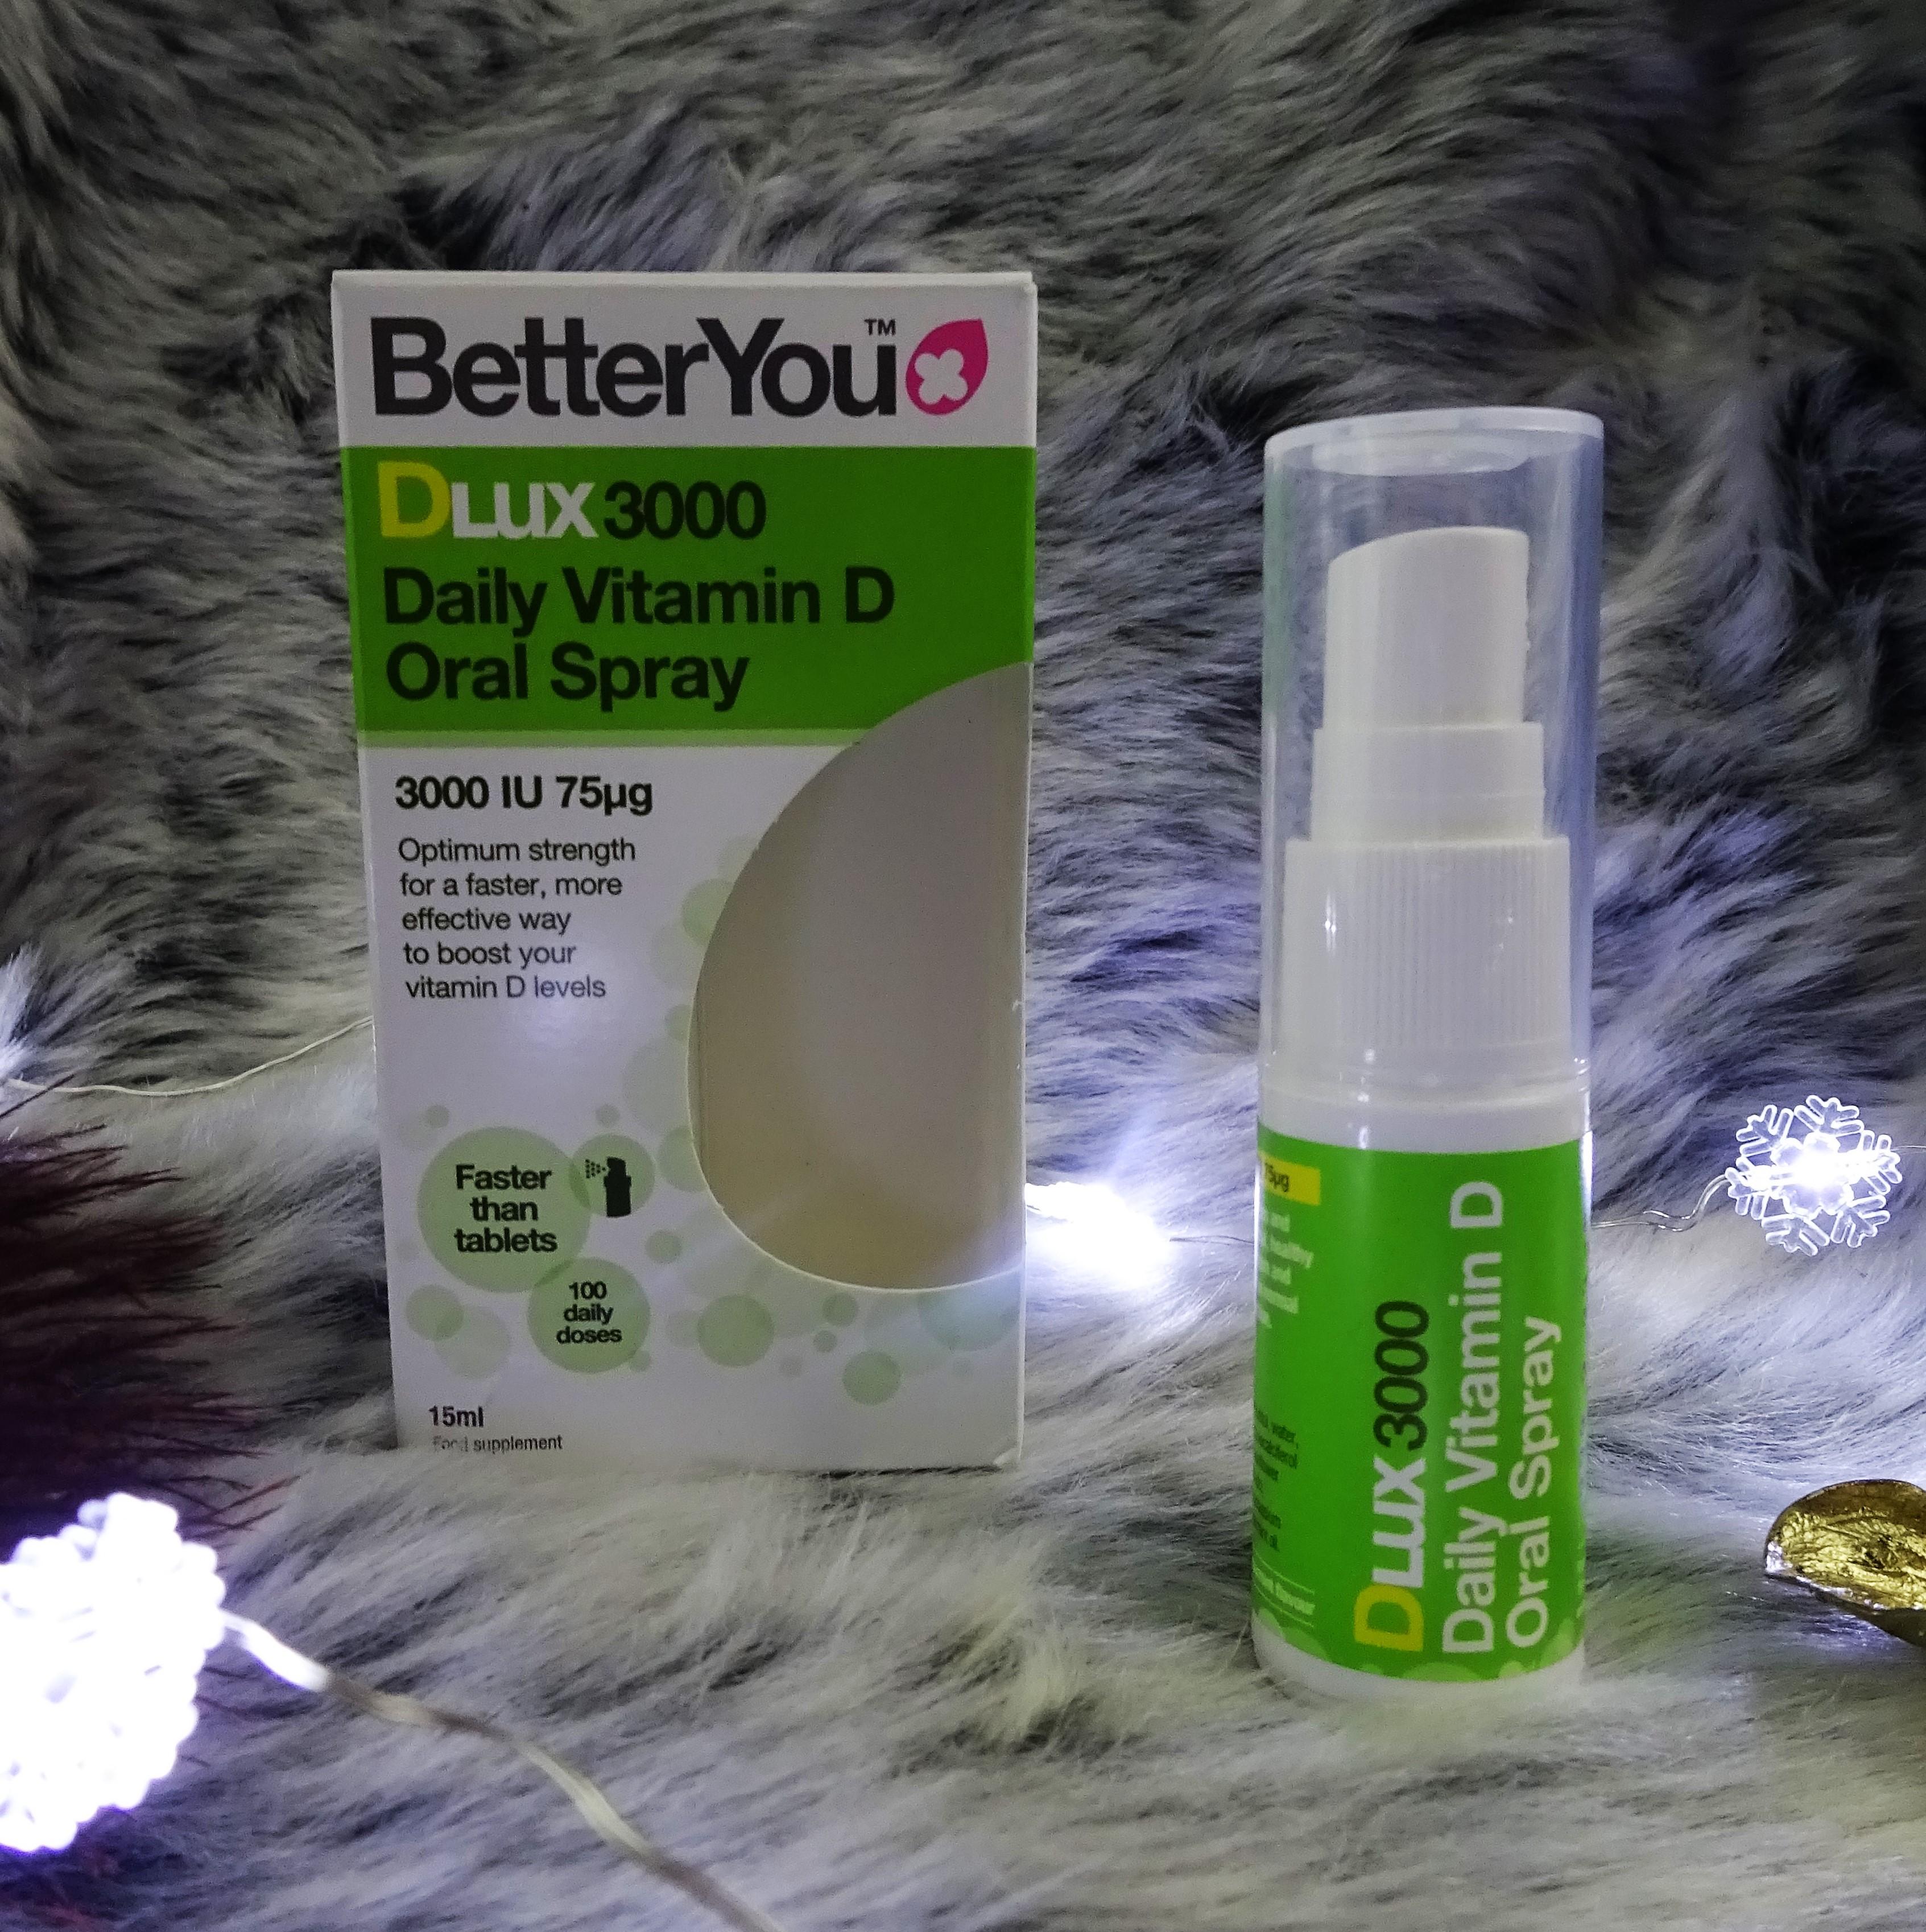 Vitamin D Spray - BetterYou